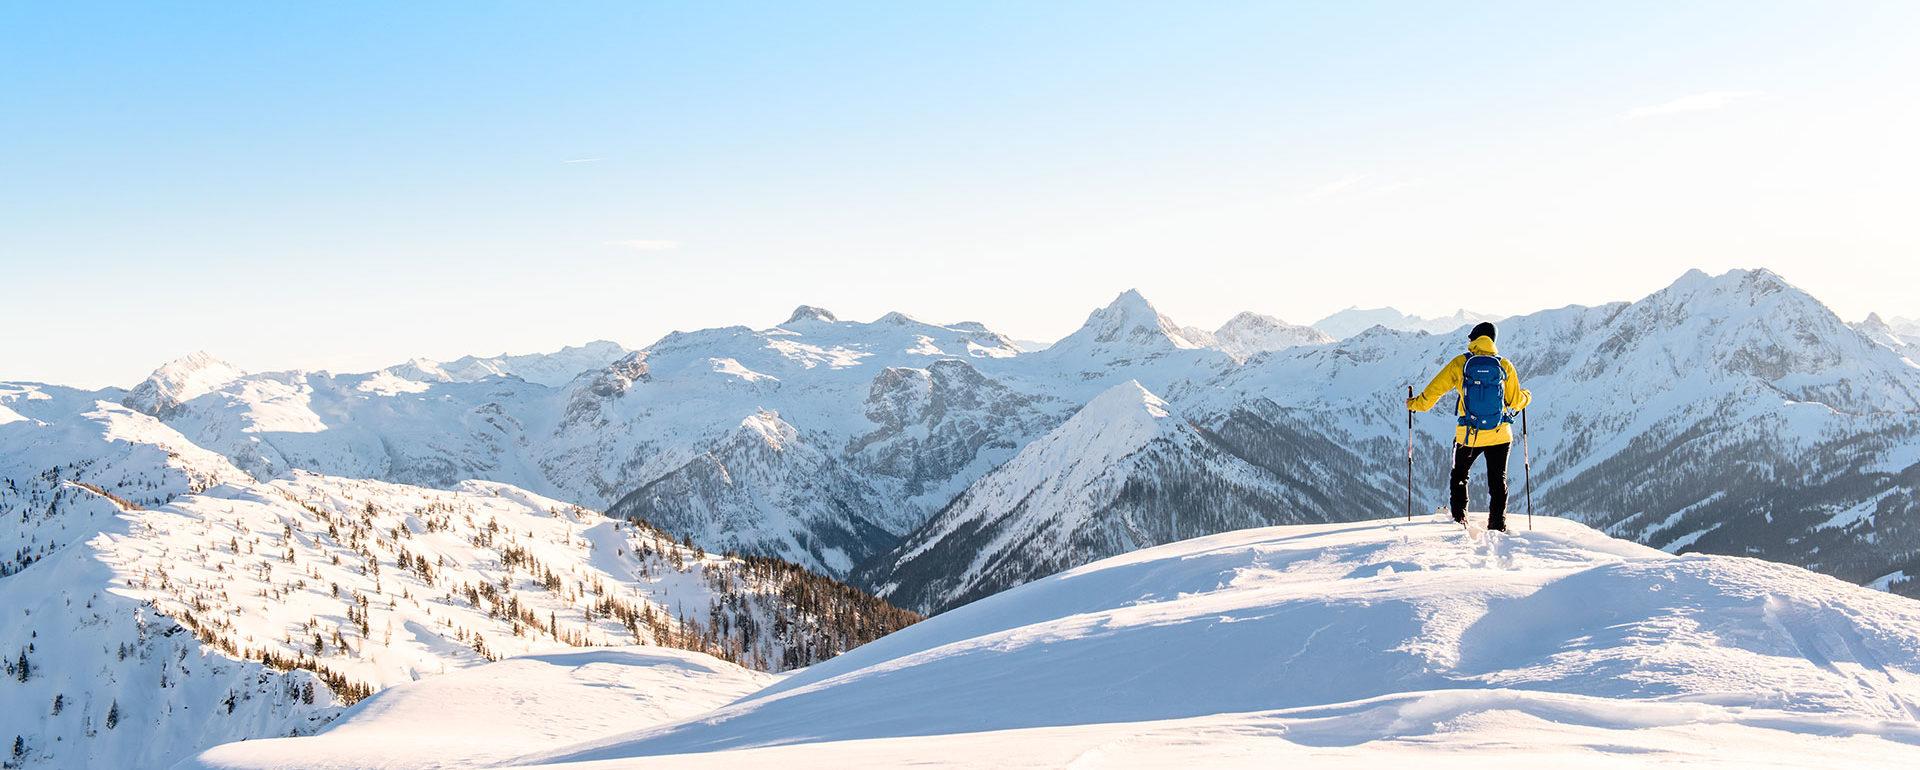 Skitouren in Altenmarkt - Zauchensee